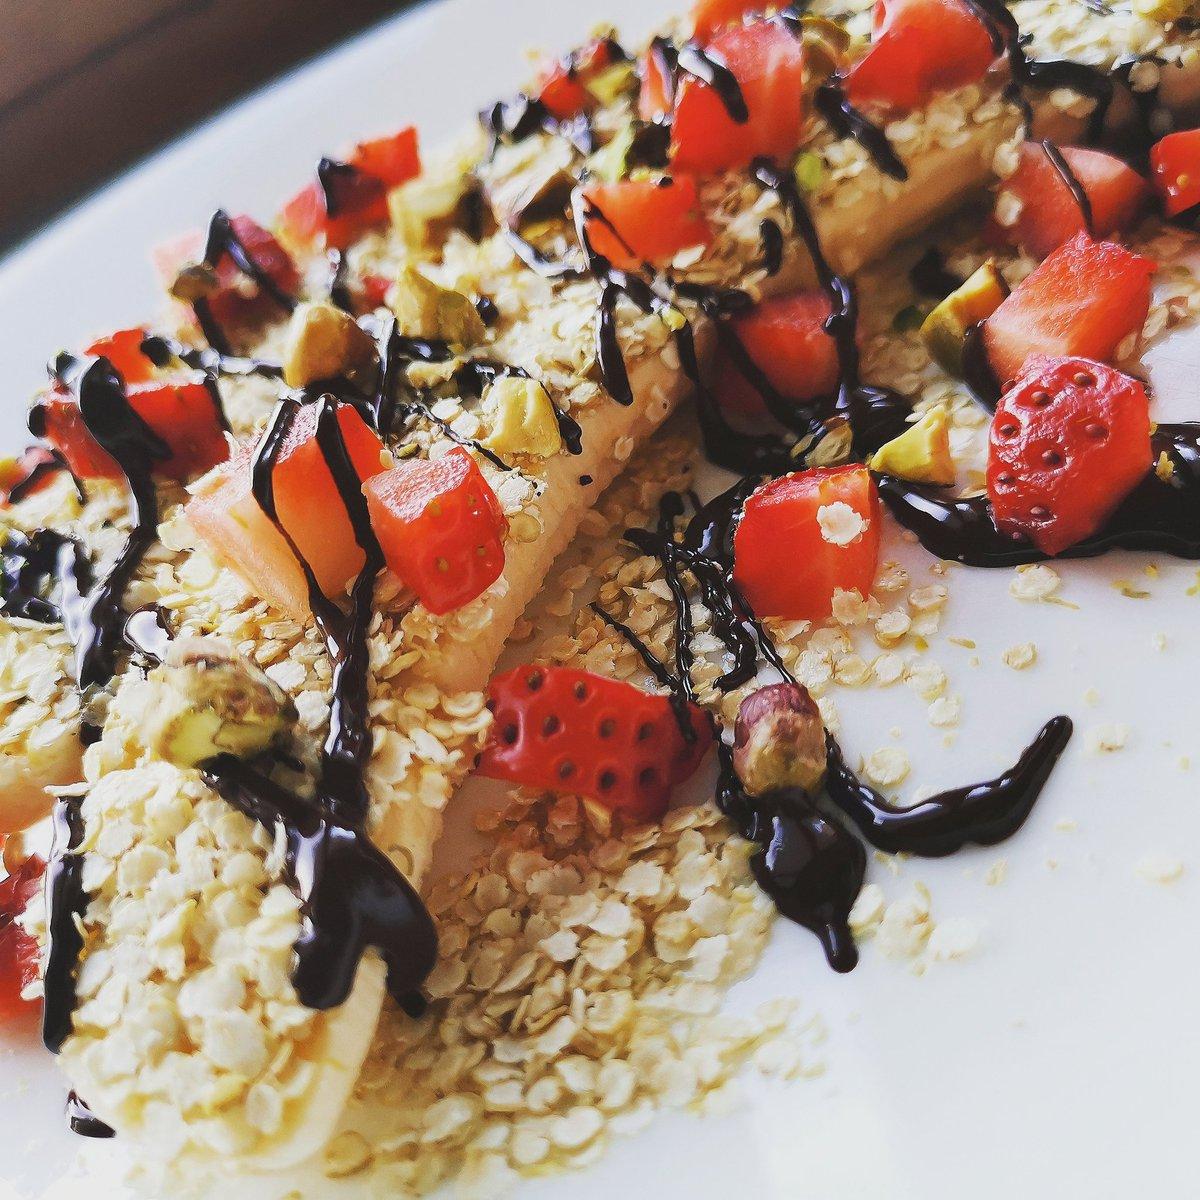 1 banana 20 gr. di #cioccolatofondente  20 gr. di fiocchi di #quinoa  3 fragole #primaverili  e #pistacchiodelbronte  Stamattina il mio #postworkout  Adoro!!! #BuongiornoATutti